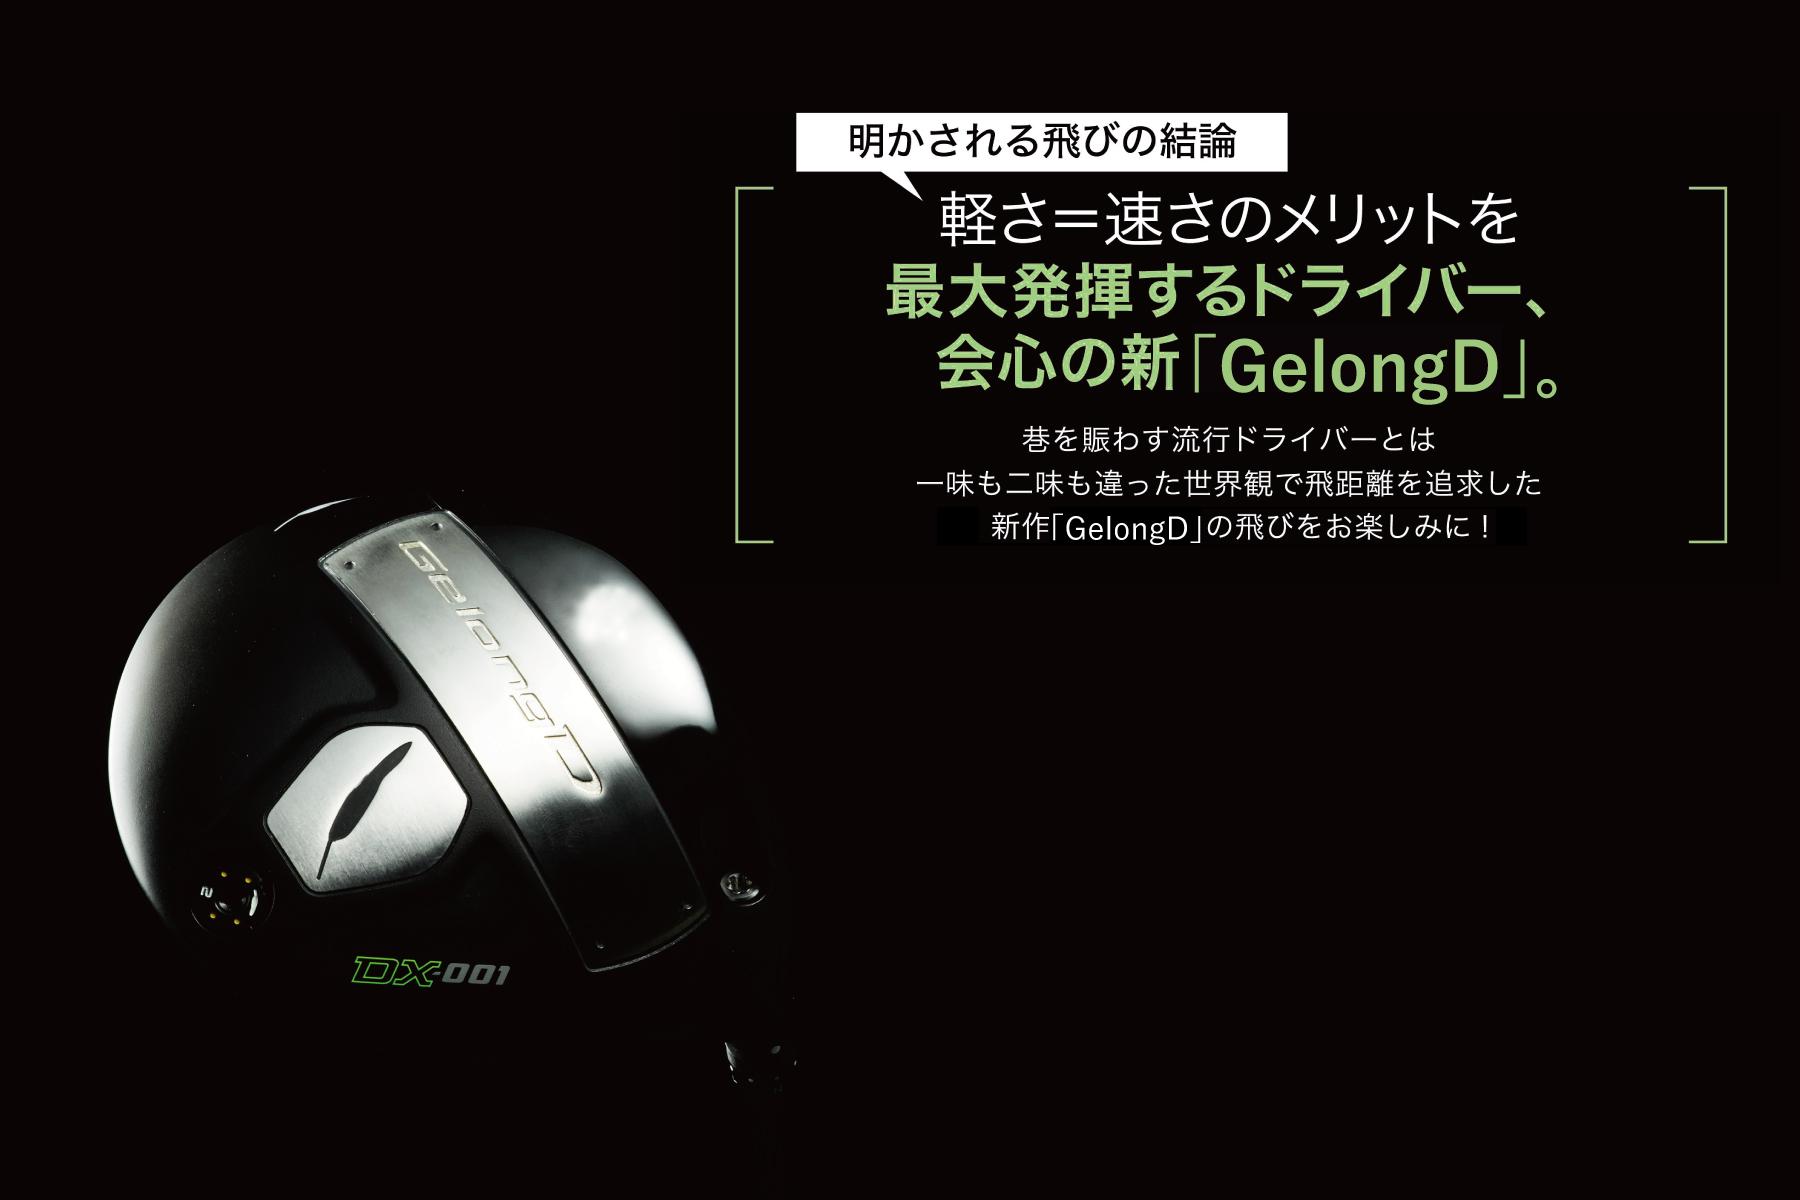 軽さ=速さのメリットを 最大発揮するドライバー、 会心の新「GelongD」。